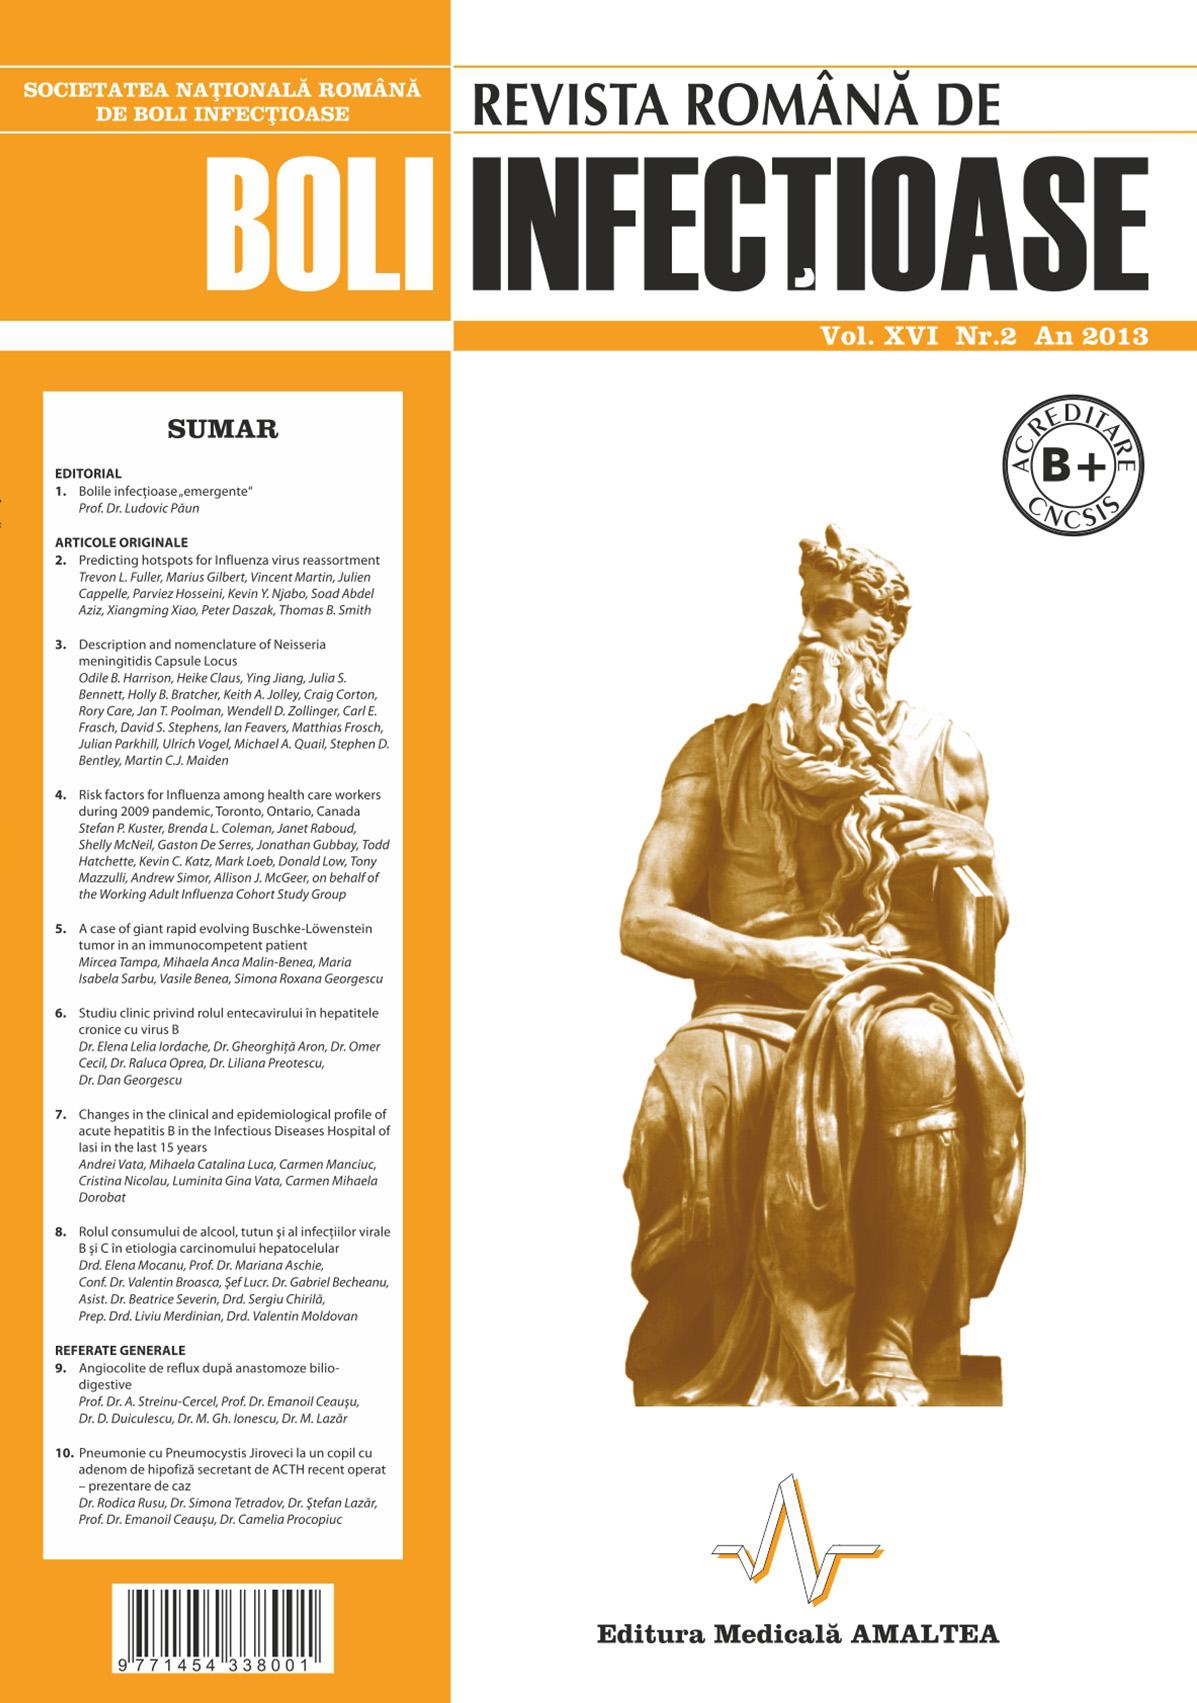 Revista Romana de Boli Infectioase   Vol. XVI, No. 2, 2013